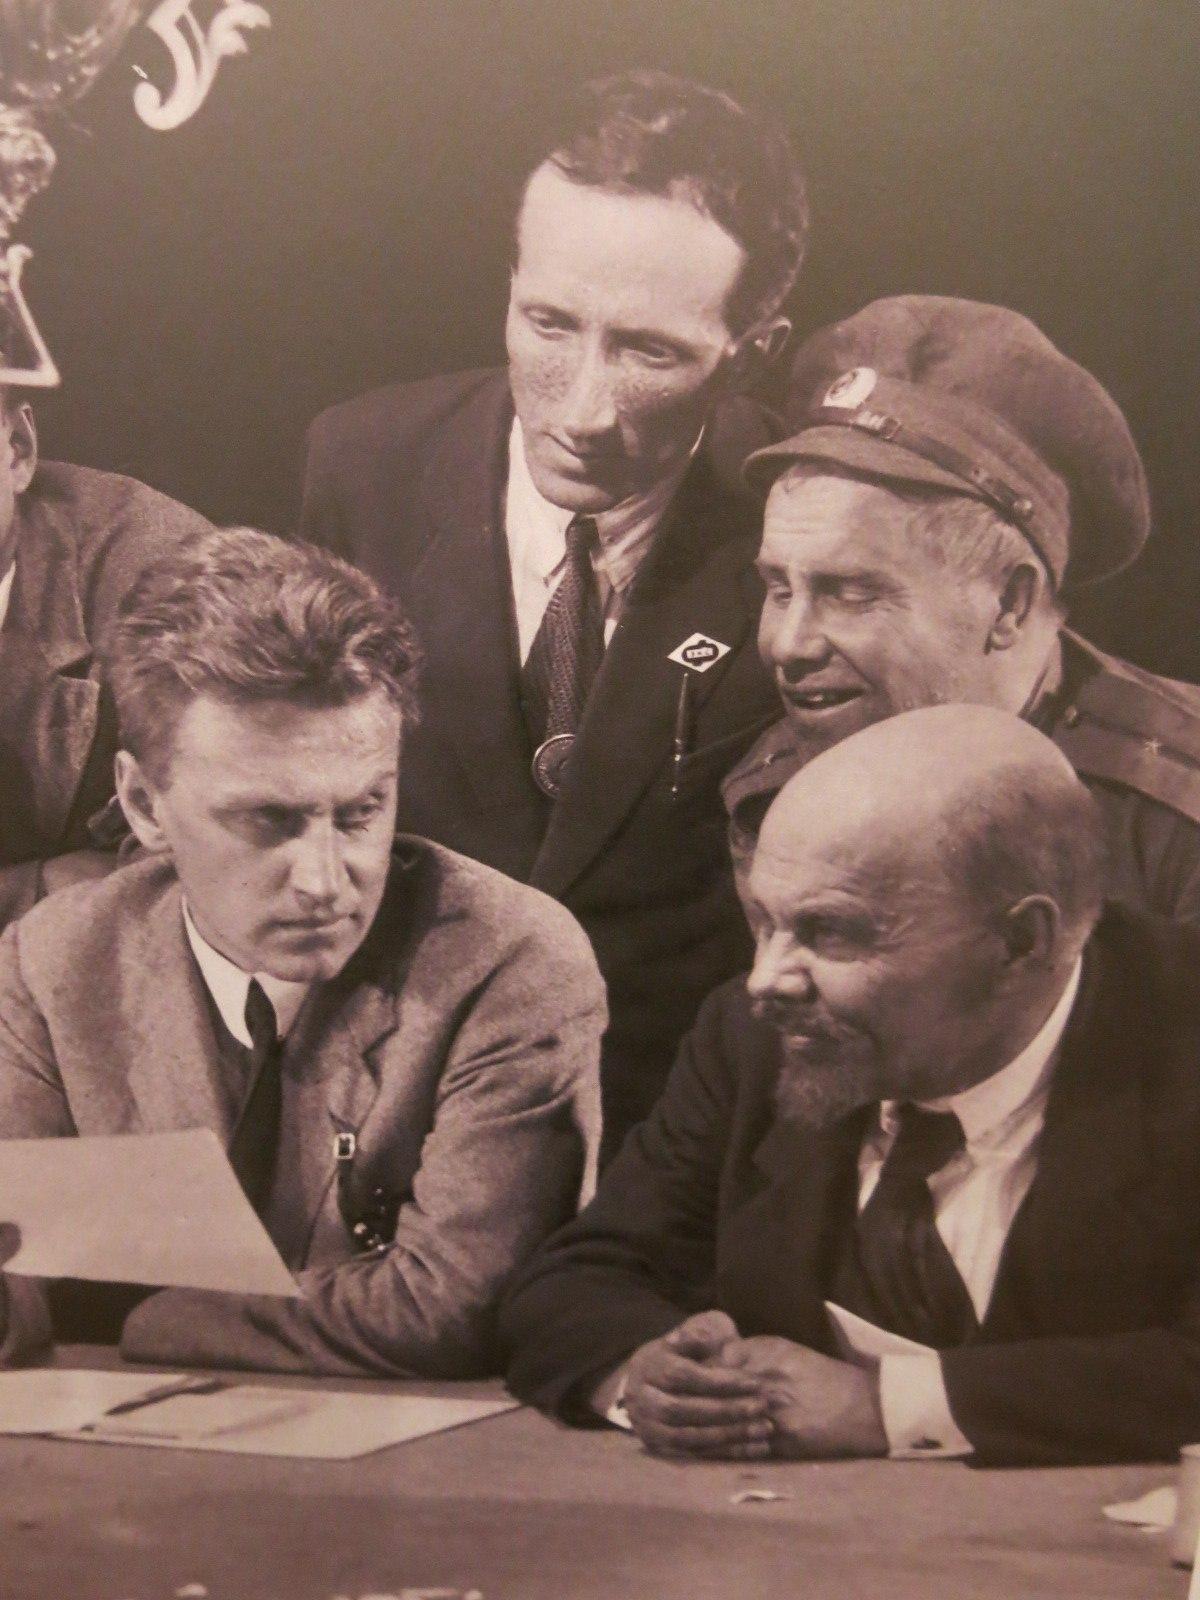 Г.Александров( слева) неоднократно жаловался Эйзенштейну на поведение Никандрова ( роль Ленина), который периодически срывал съёмки, буянил, исчезал на весь день, возвращаясь в невменяемом состоянии